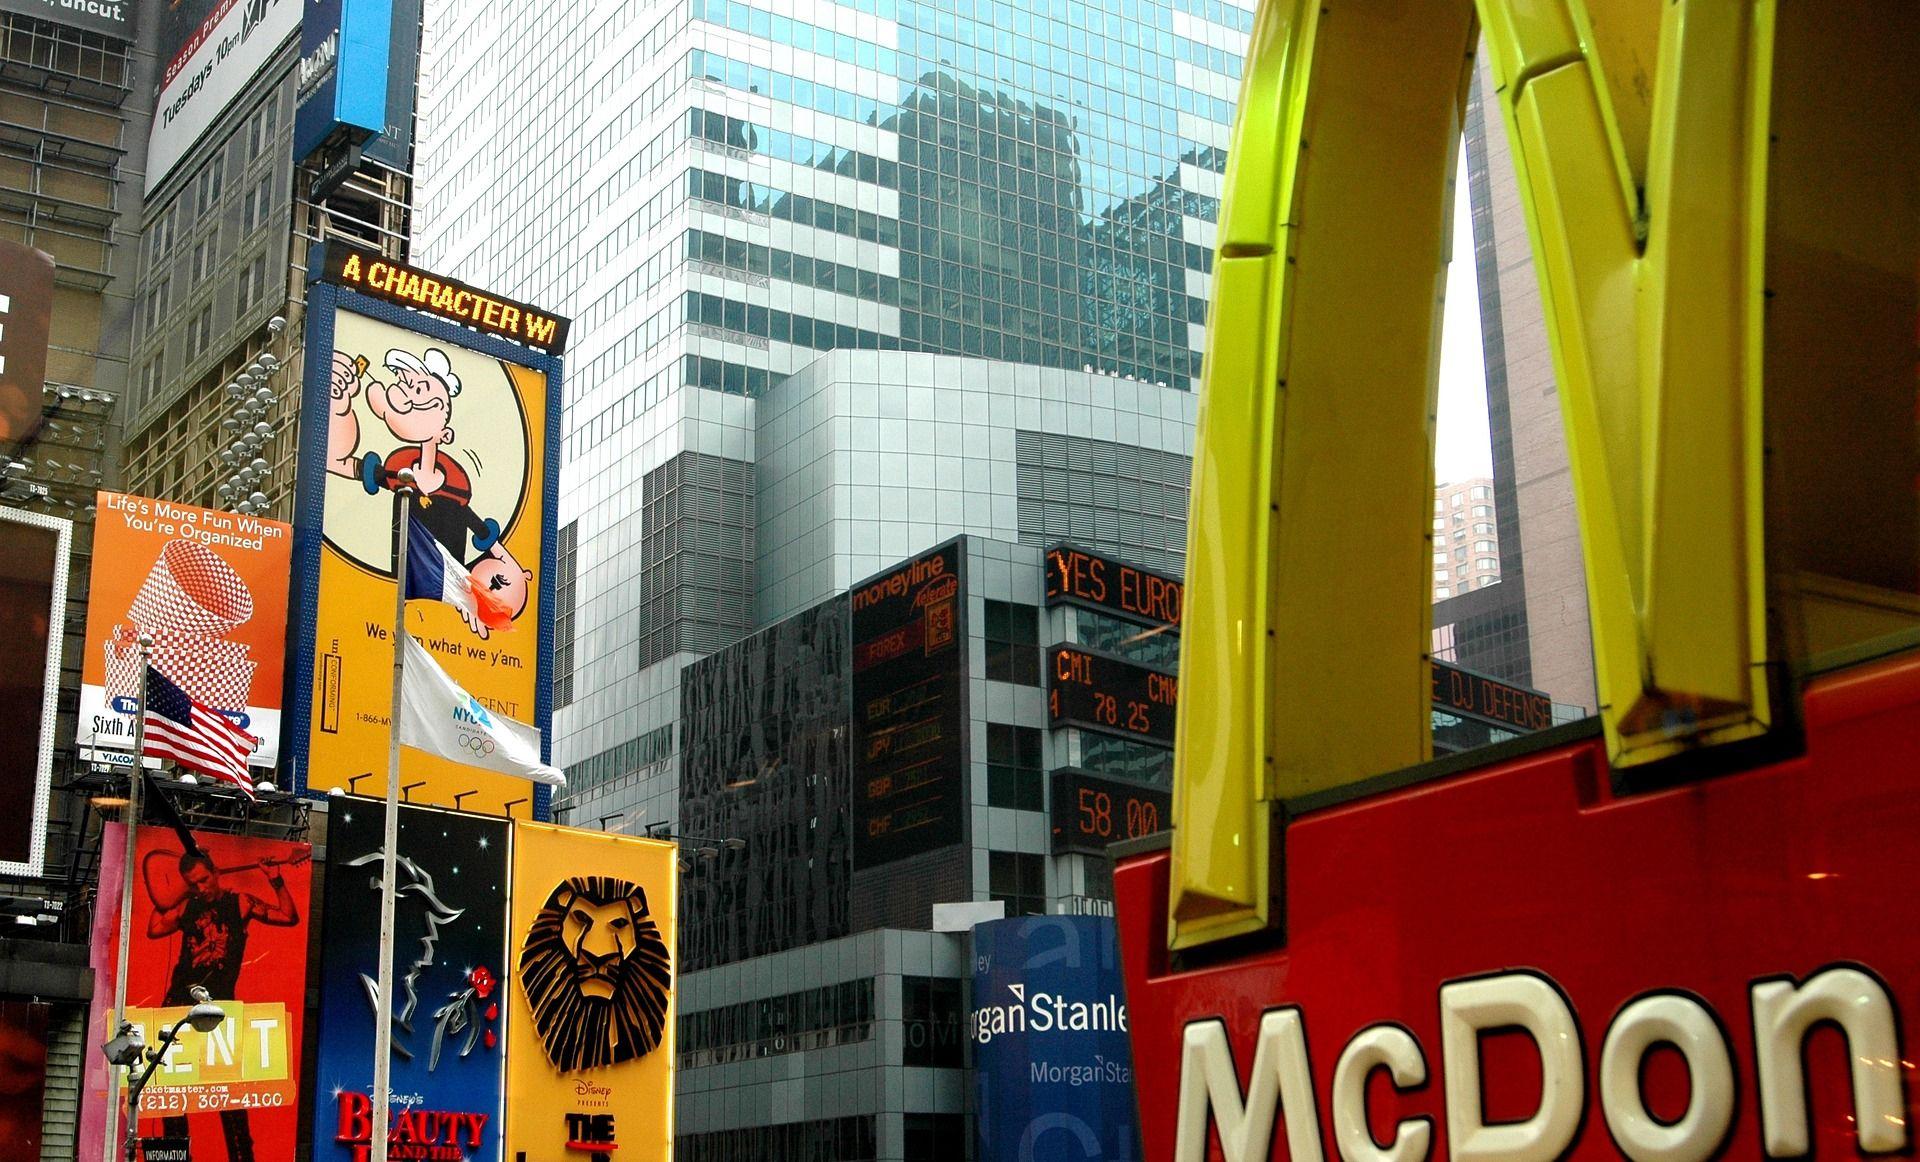 Veliki povratak McDonaldsa mogao bi biti zaustavljen